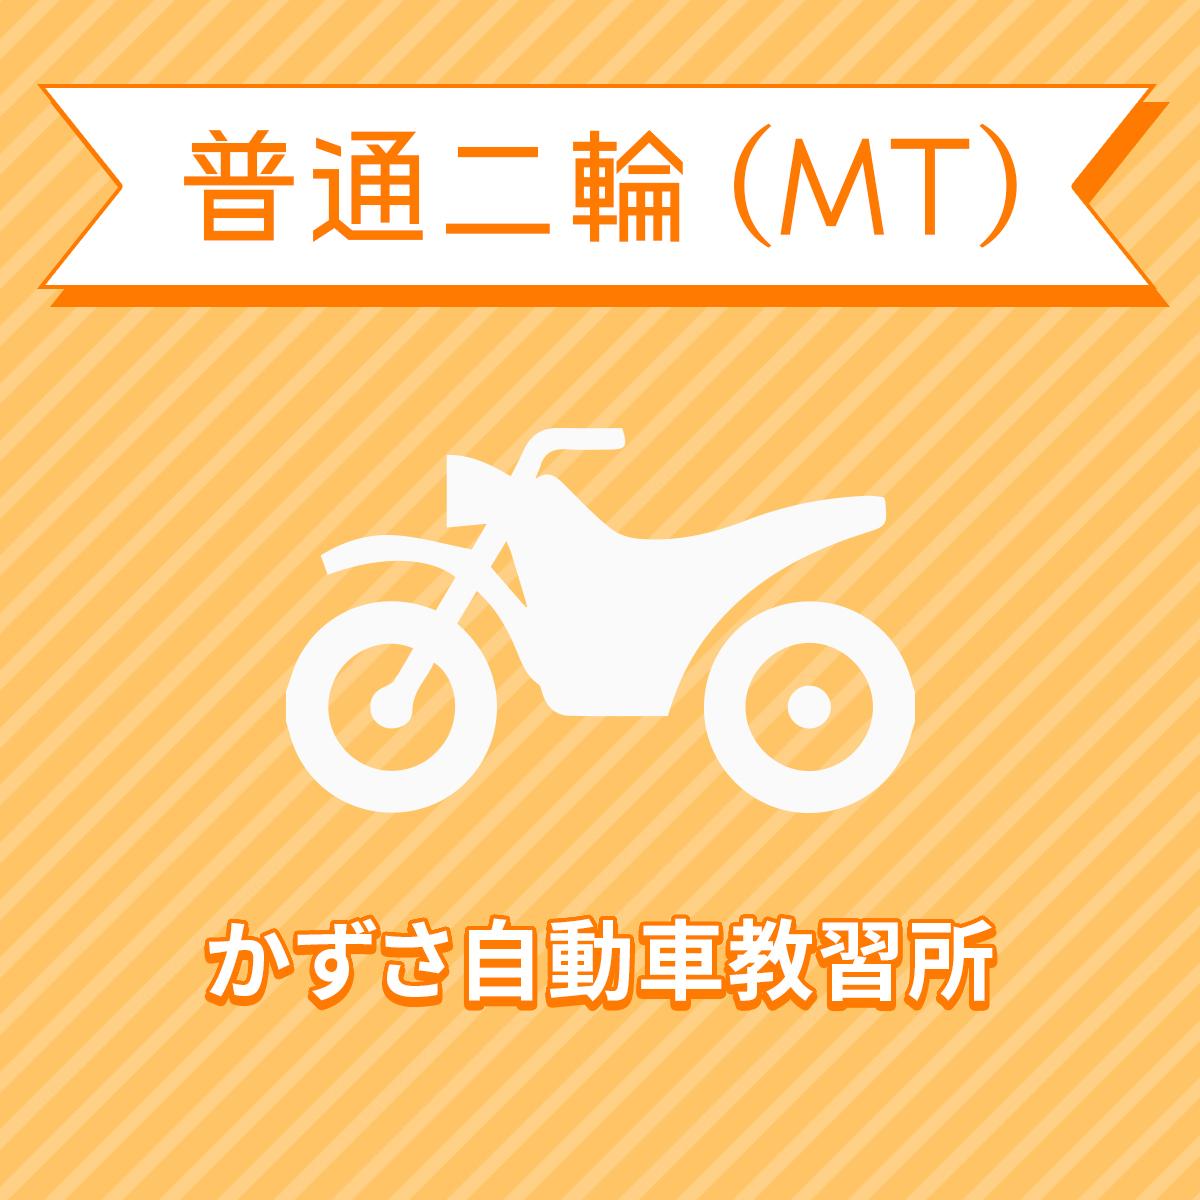 【千葉県君津市】普通二輪MTコース(通常料金)<免許なし/原付免許所持対象>